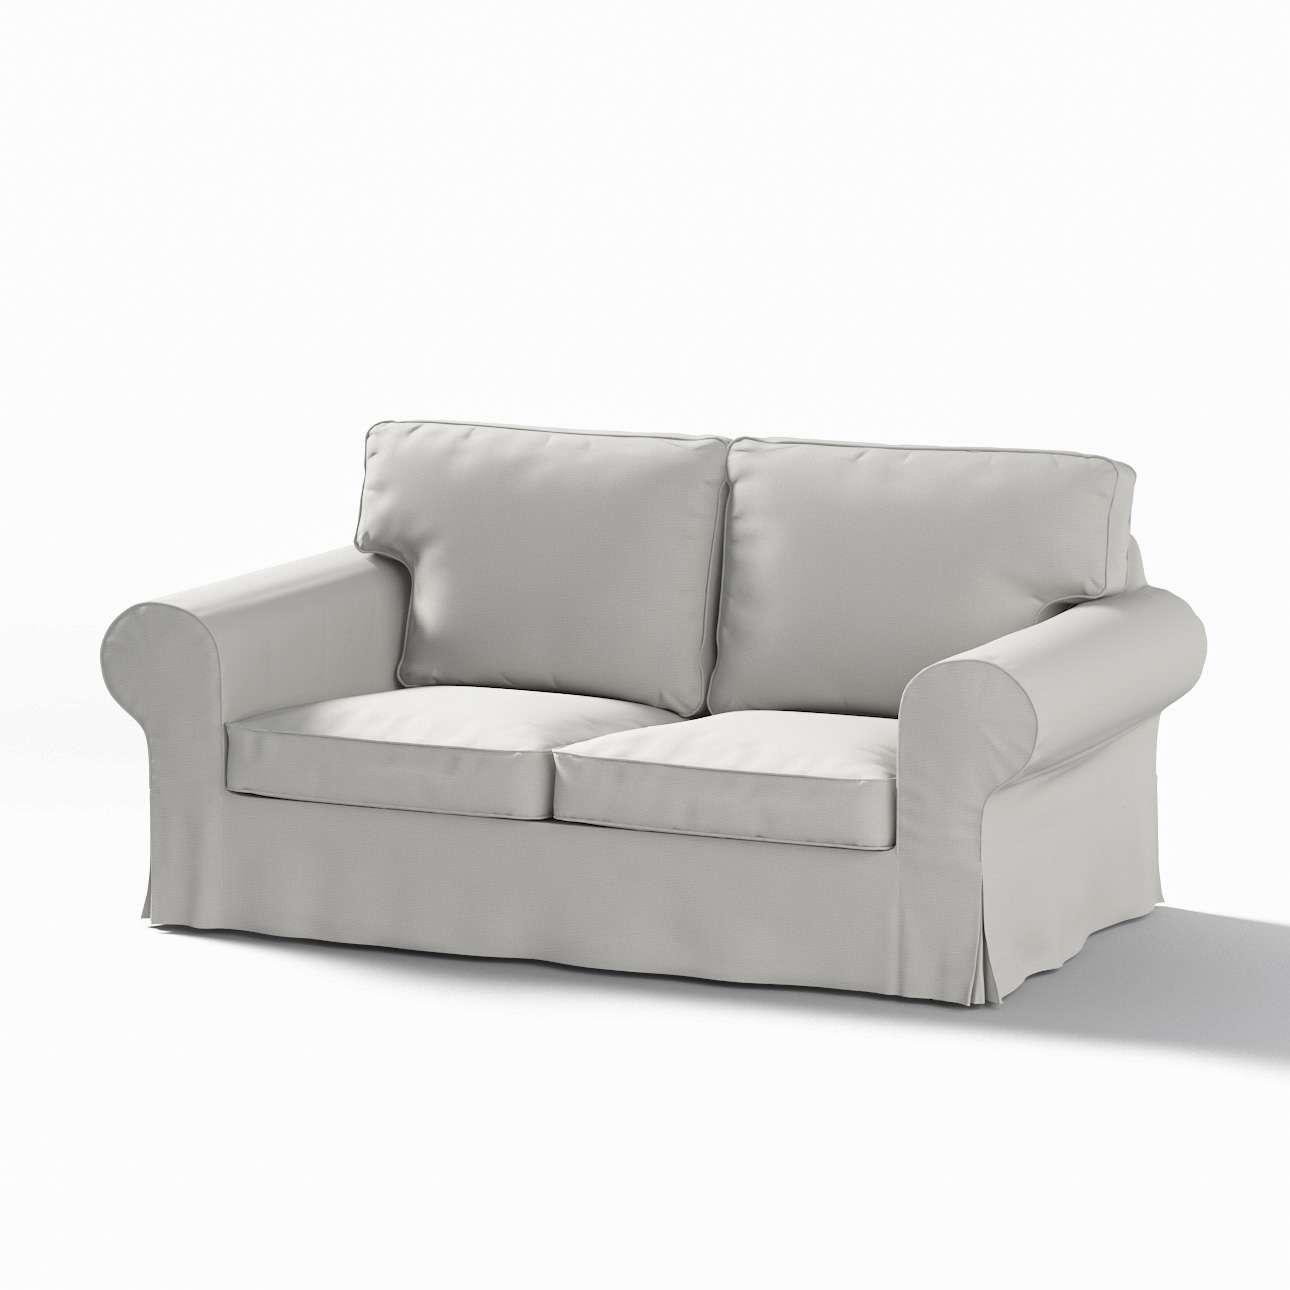 Bezug für Ektorp 2-Sitzer Schlafsofa ALTES Modell von der Kollektion Etna, Stoff: 705-90